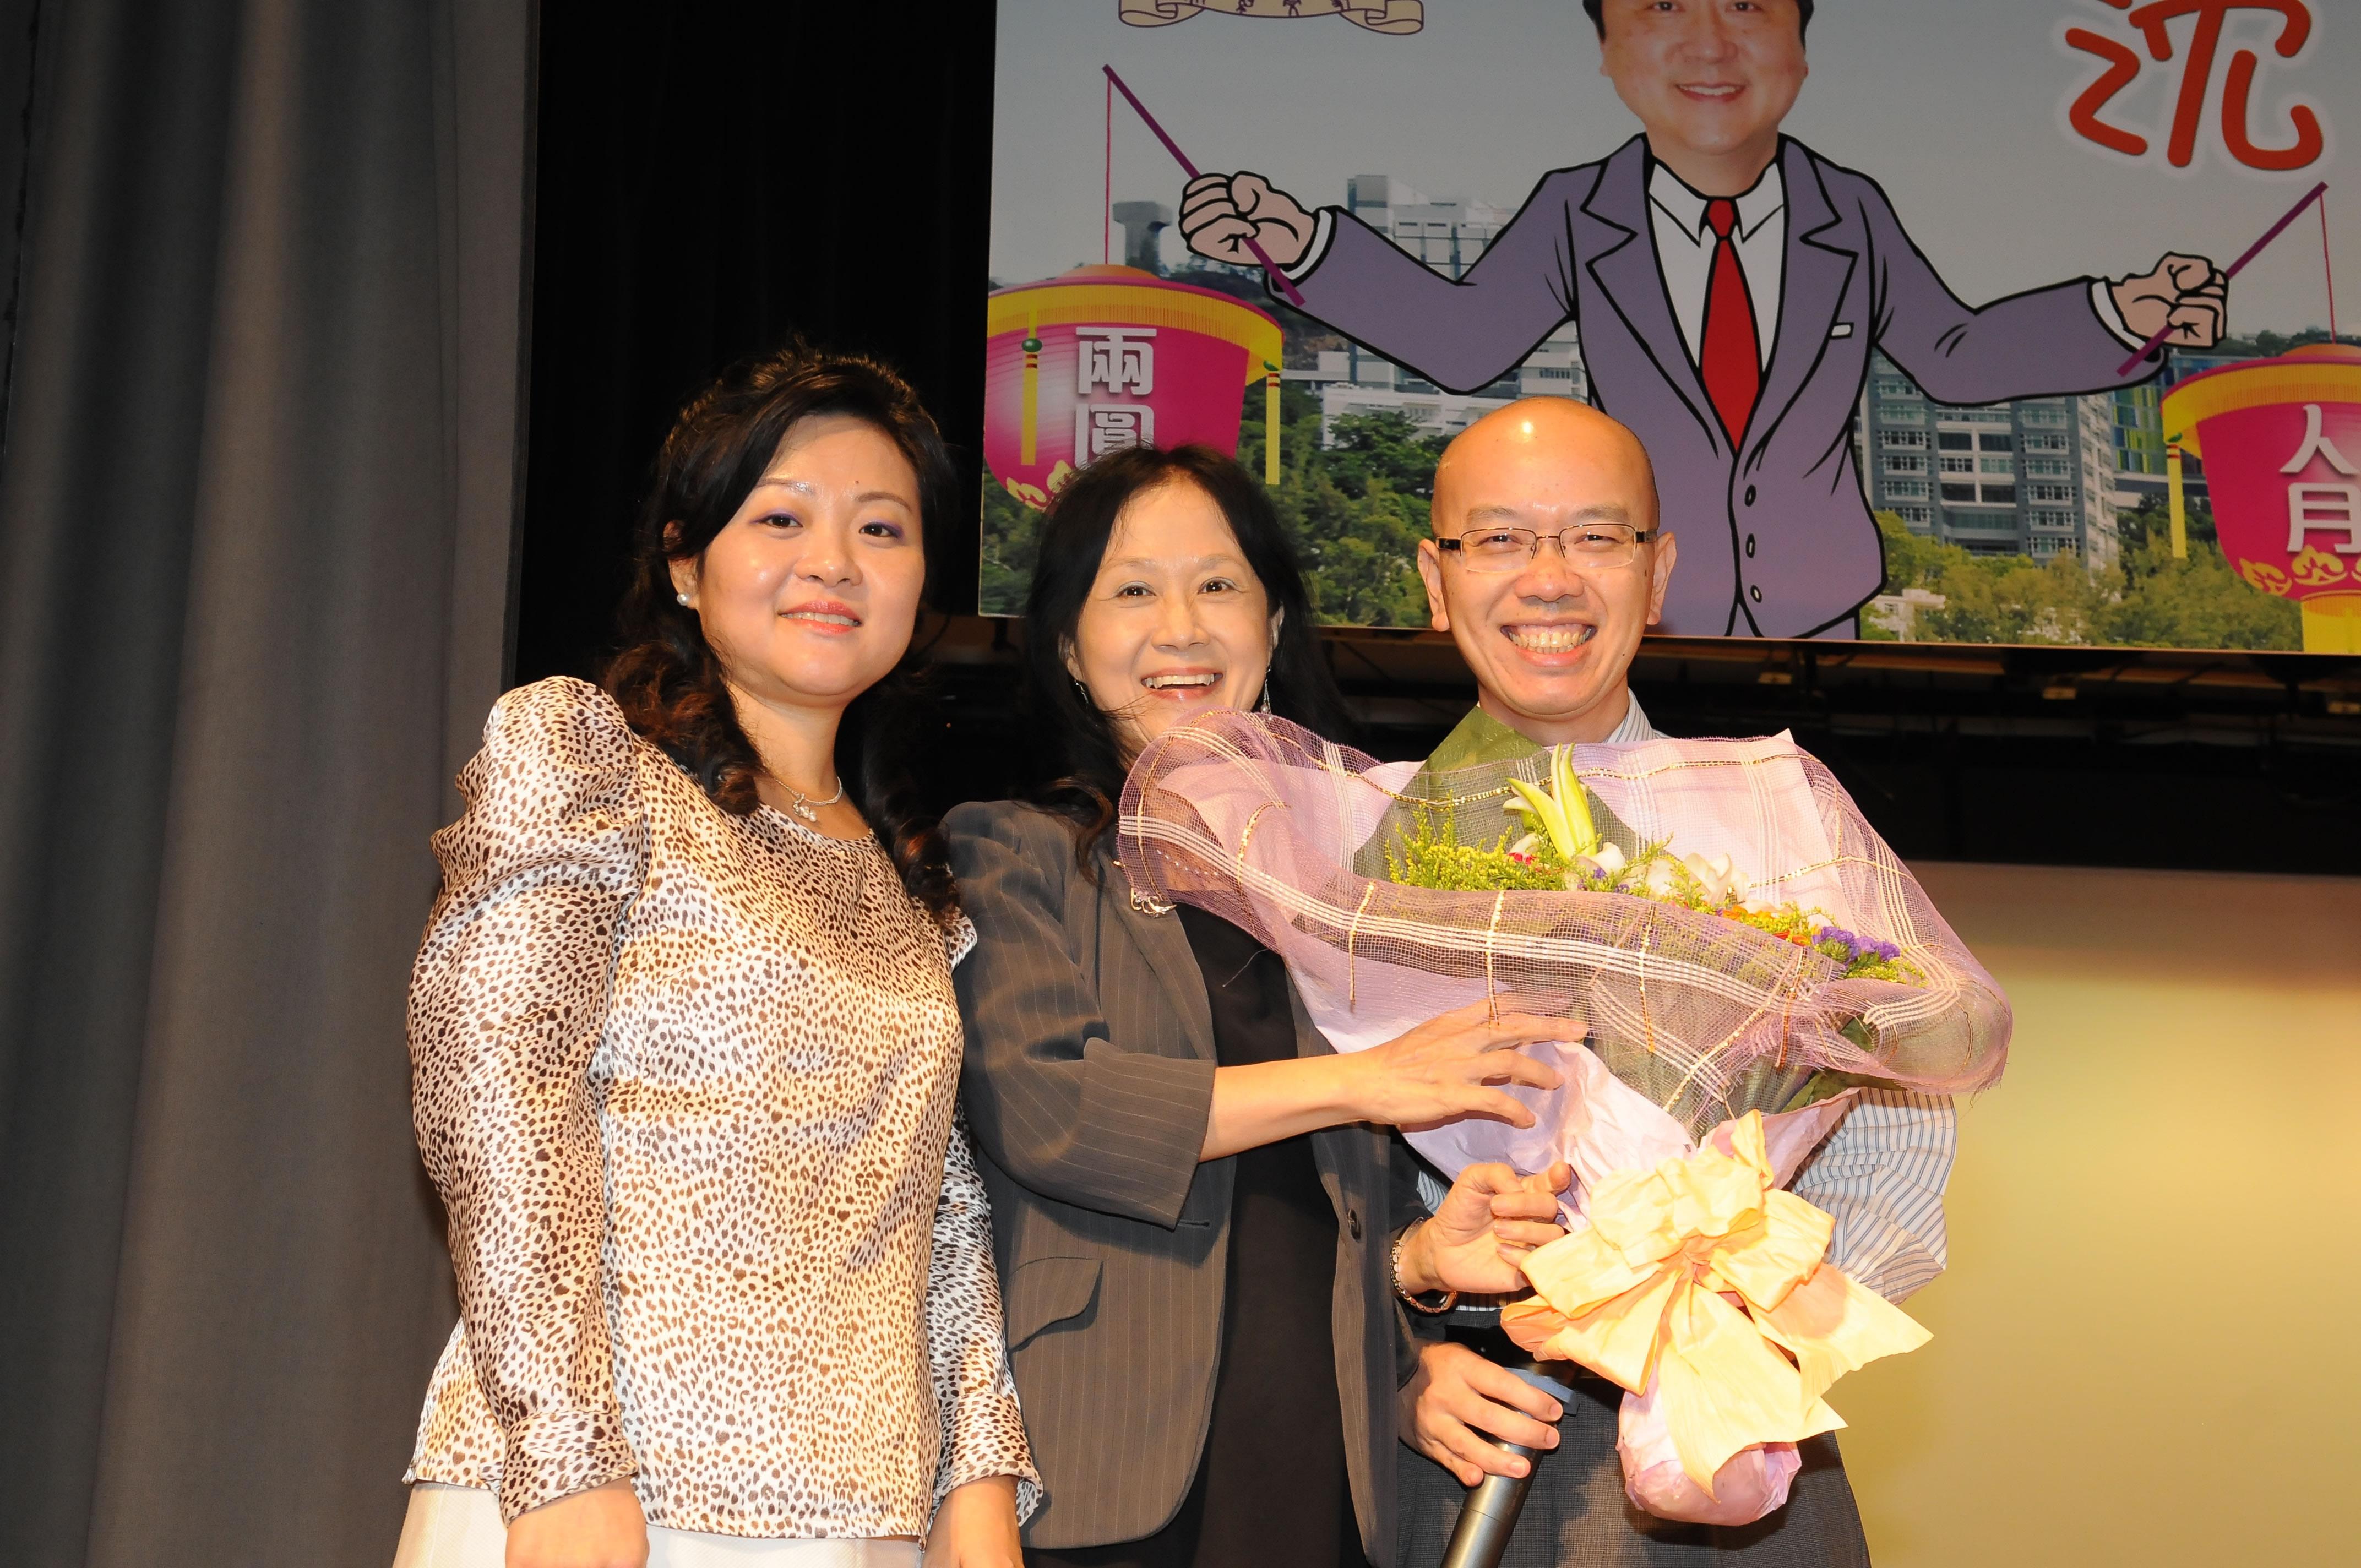 保健處處長陸偉昌醫生(右)演唱「月半彎」後,保健處同事獻花支持